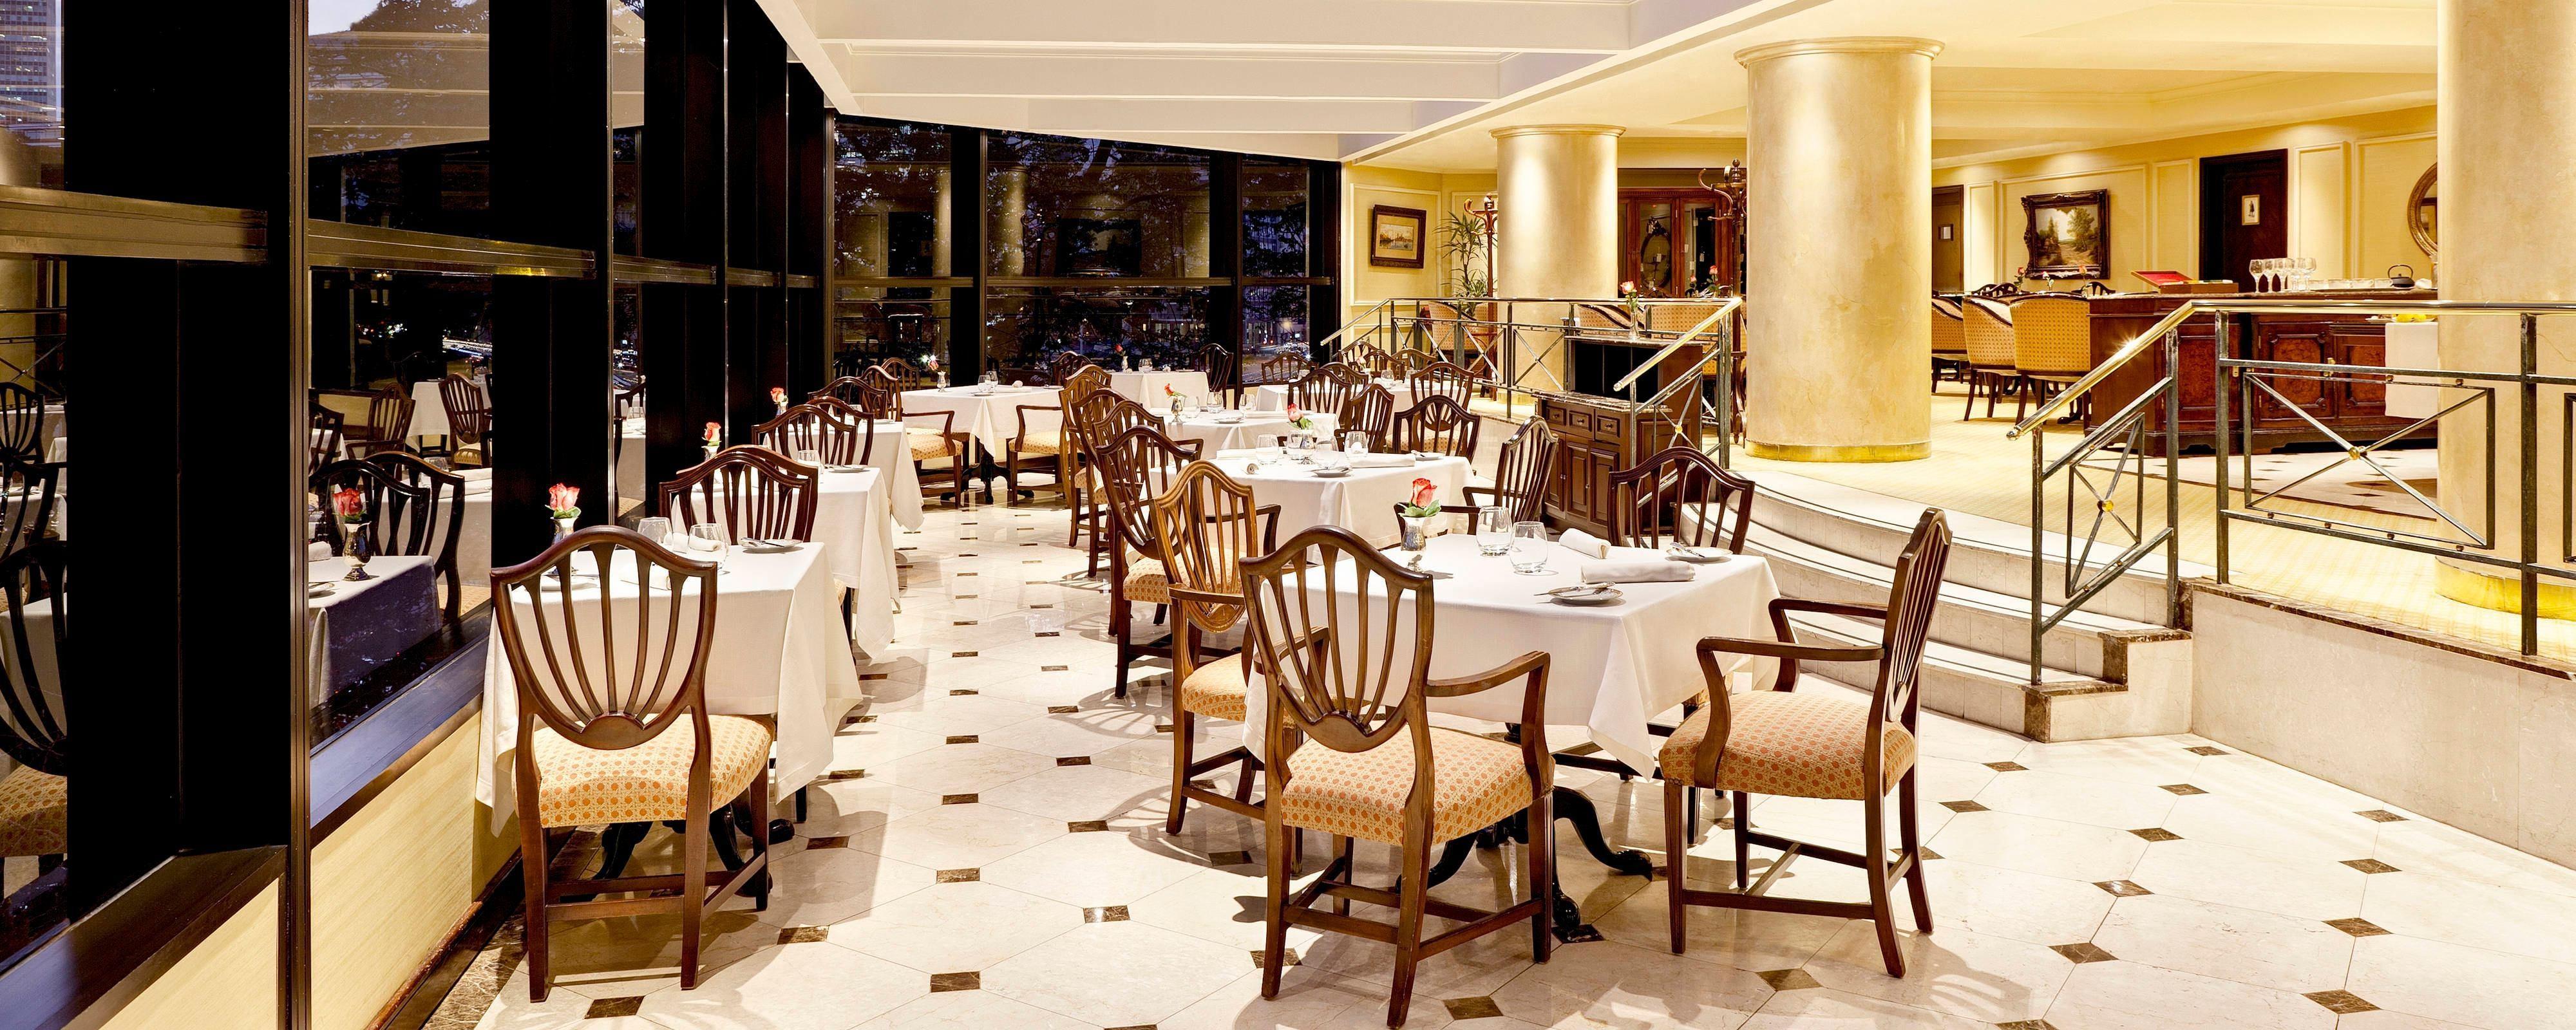 St Regis Restaurant